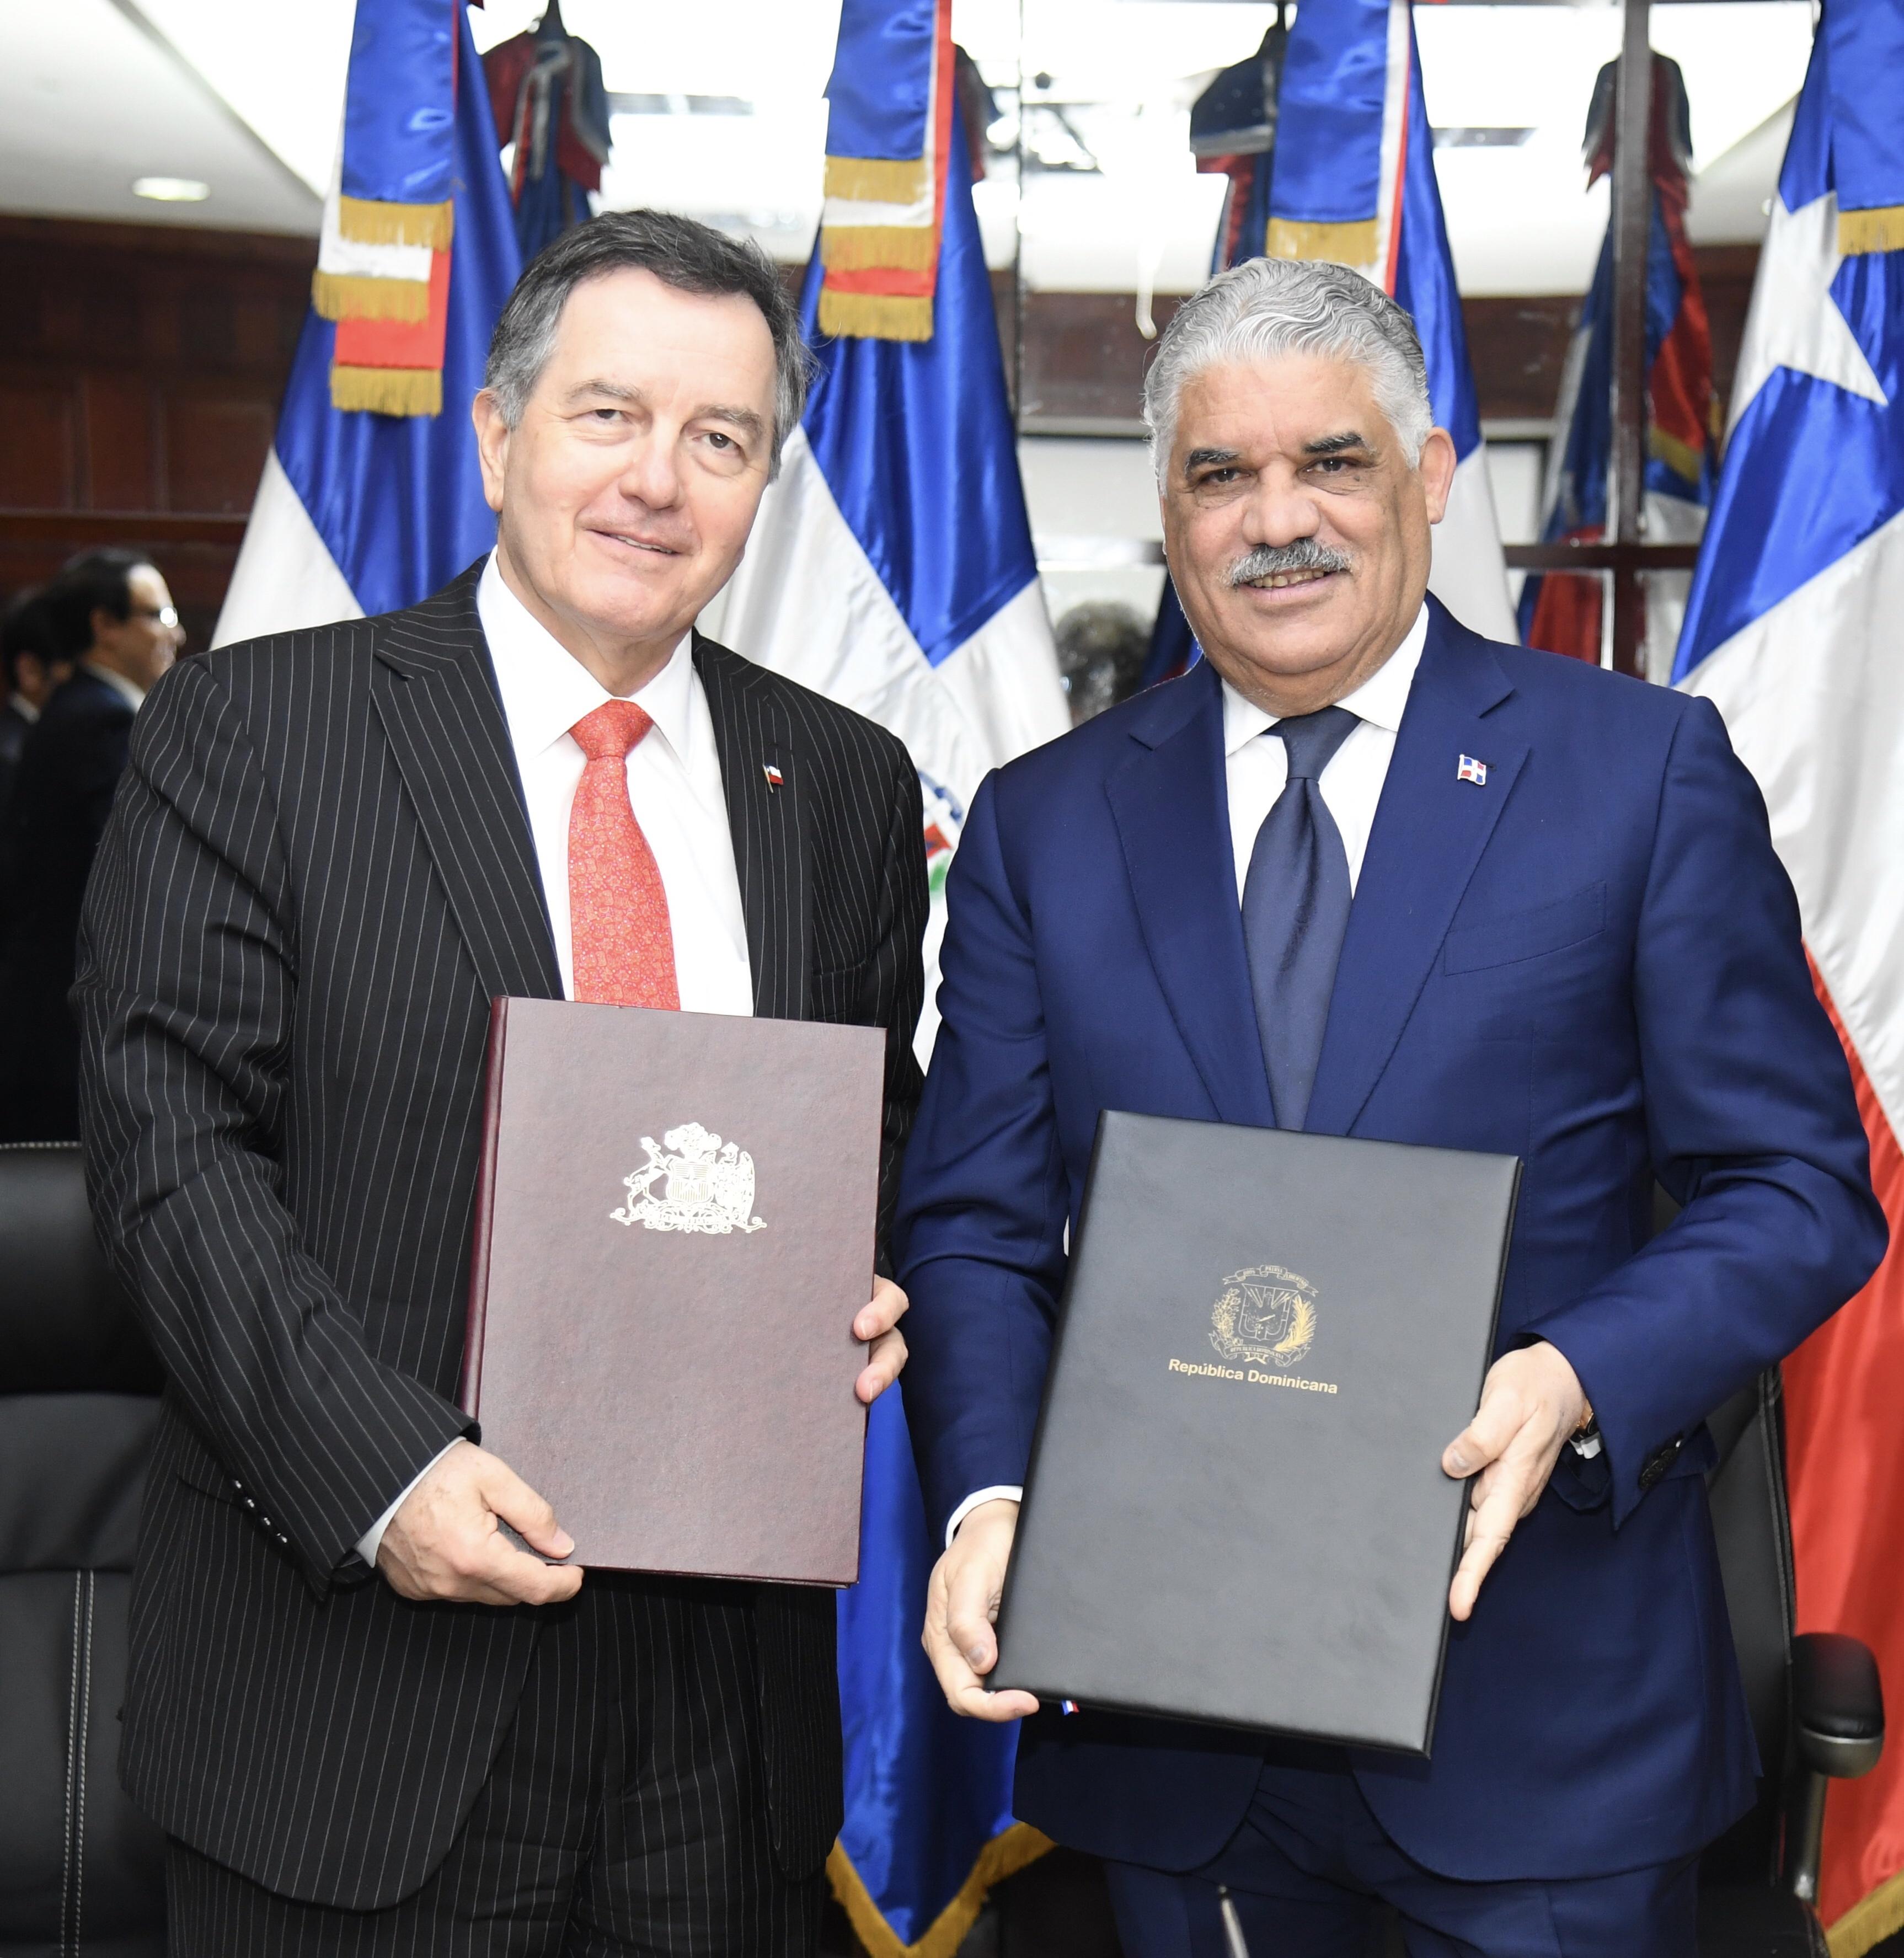 Canciller Miguel Vargas acuerda con Chile creación consejo de comercio e inversión